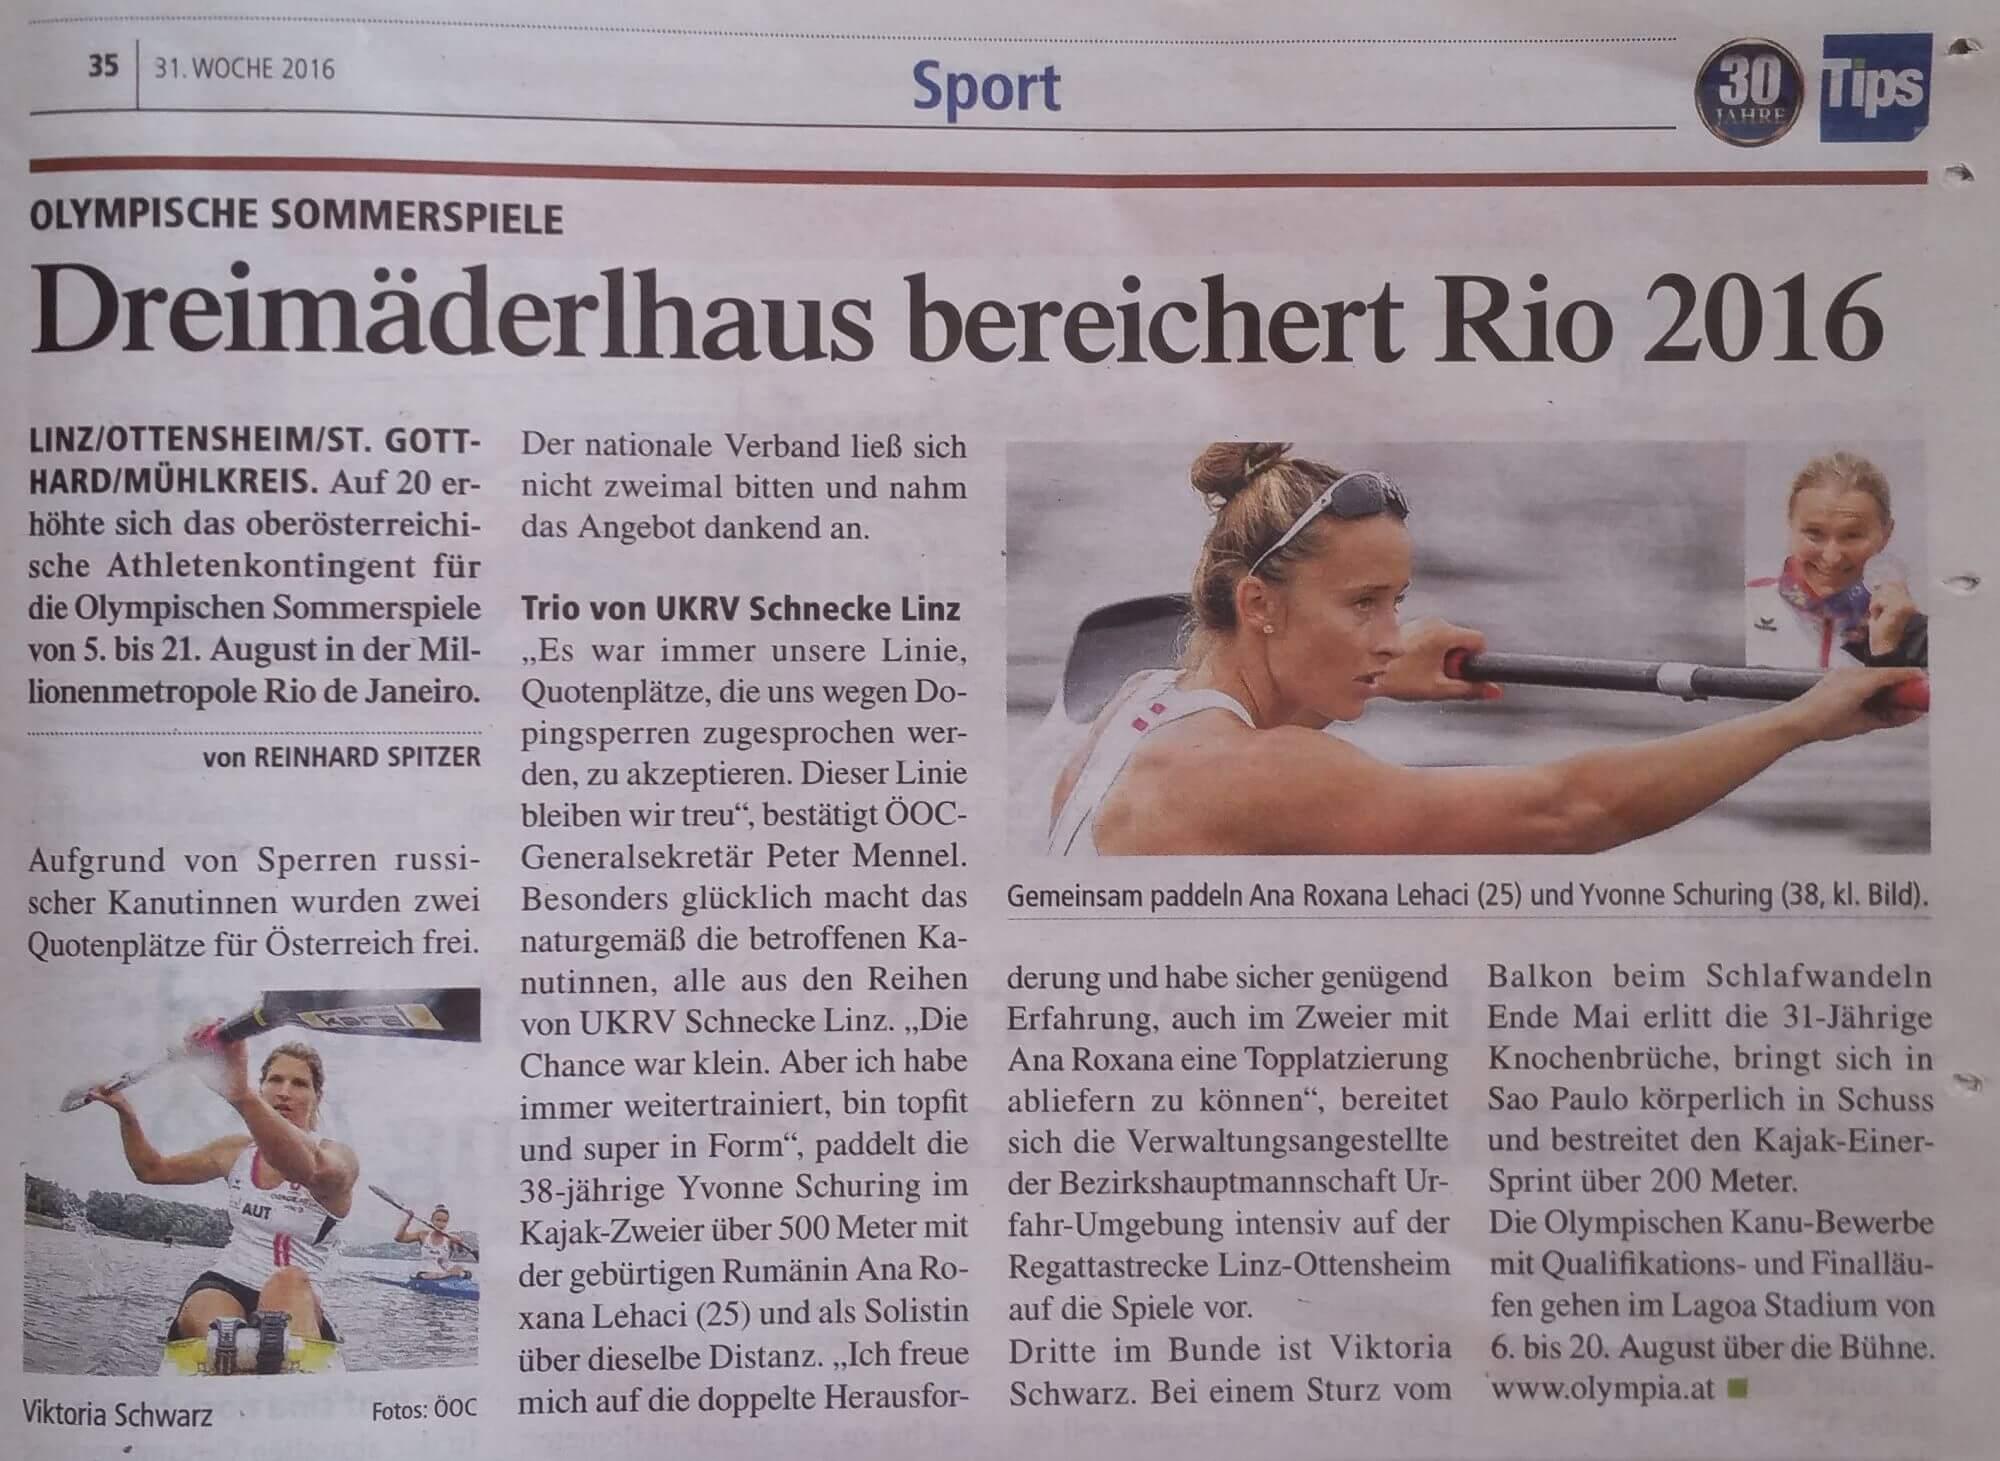 Dreimäderlhaus bereichert Rio 2016